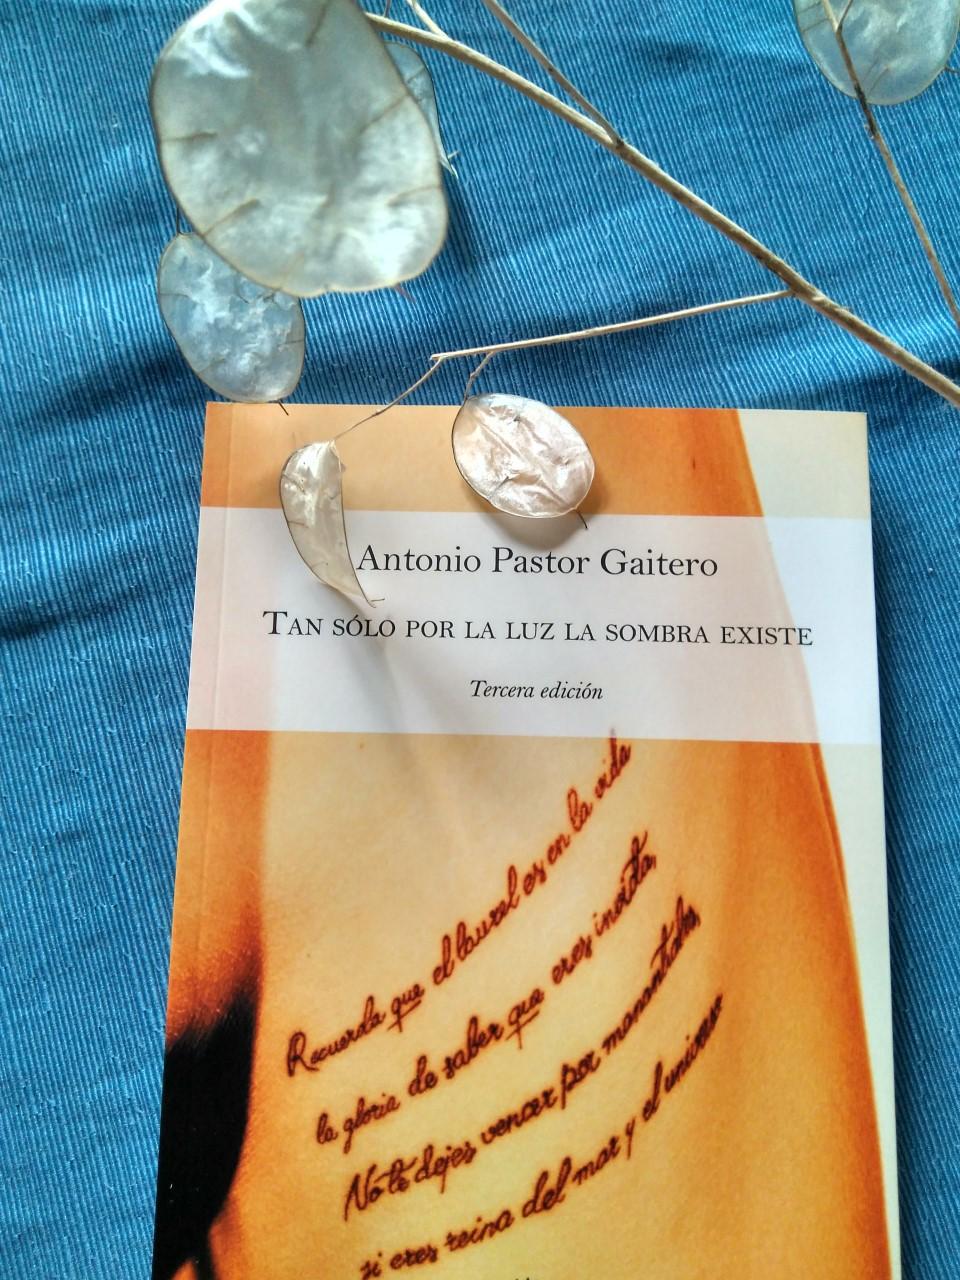 Tercera edición- Tan sólo por la luz